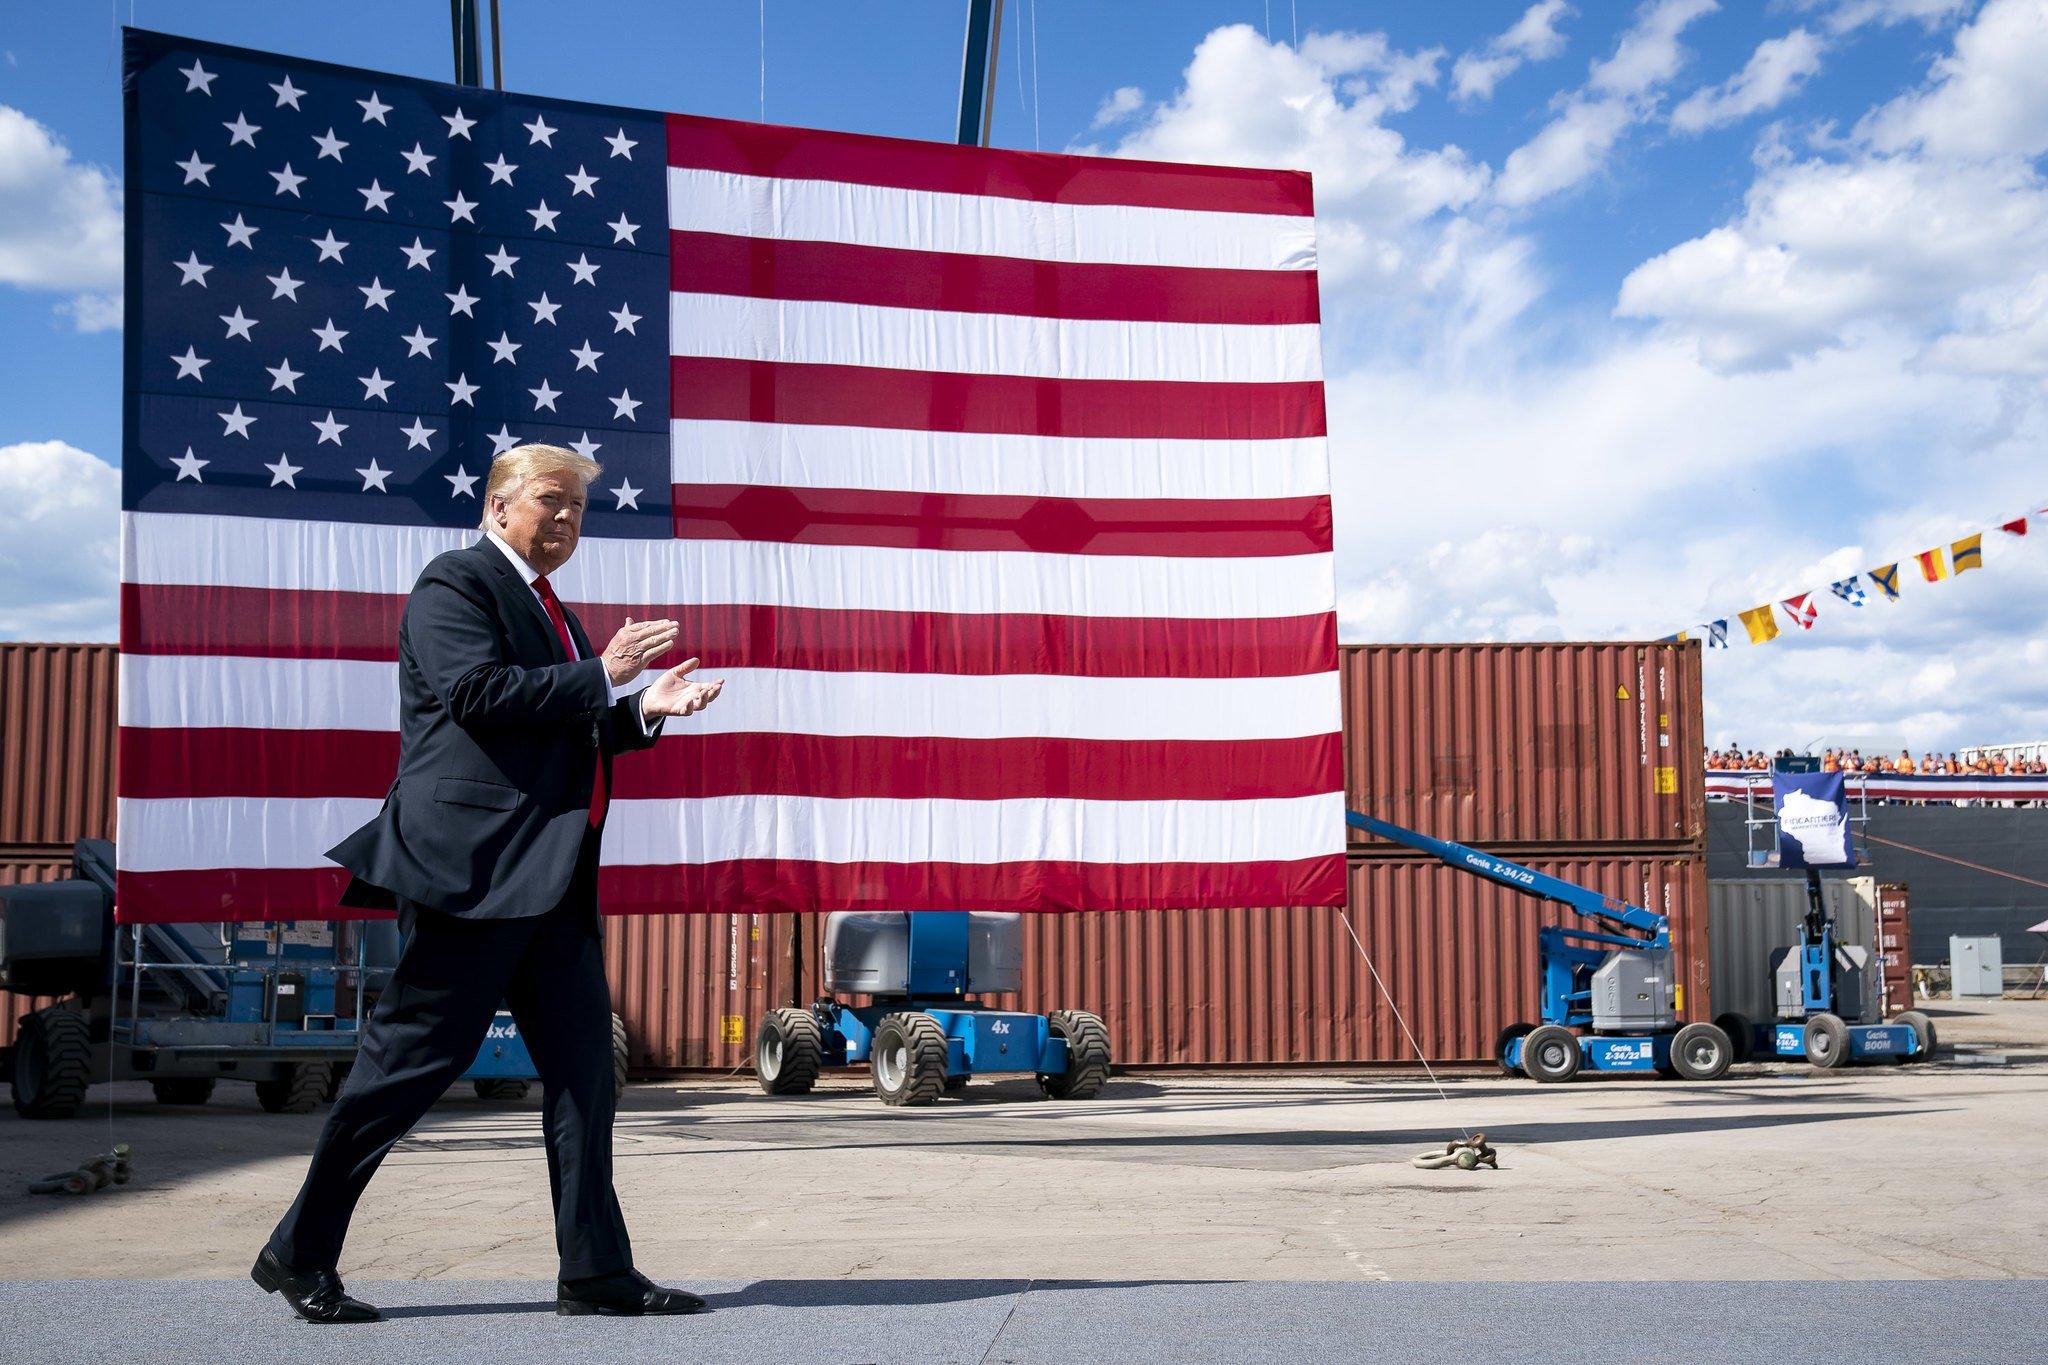 Трамп упрекнул Обаму в слабости перед Россией